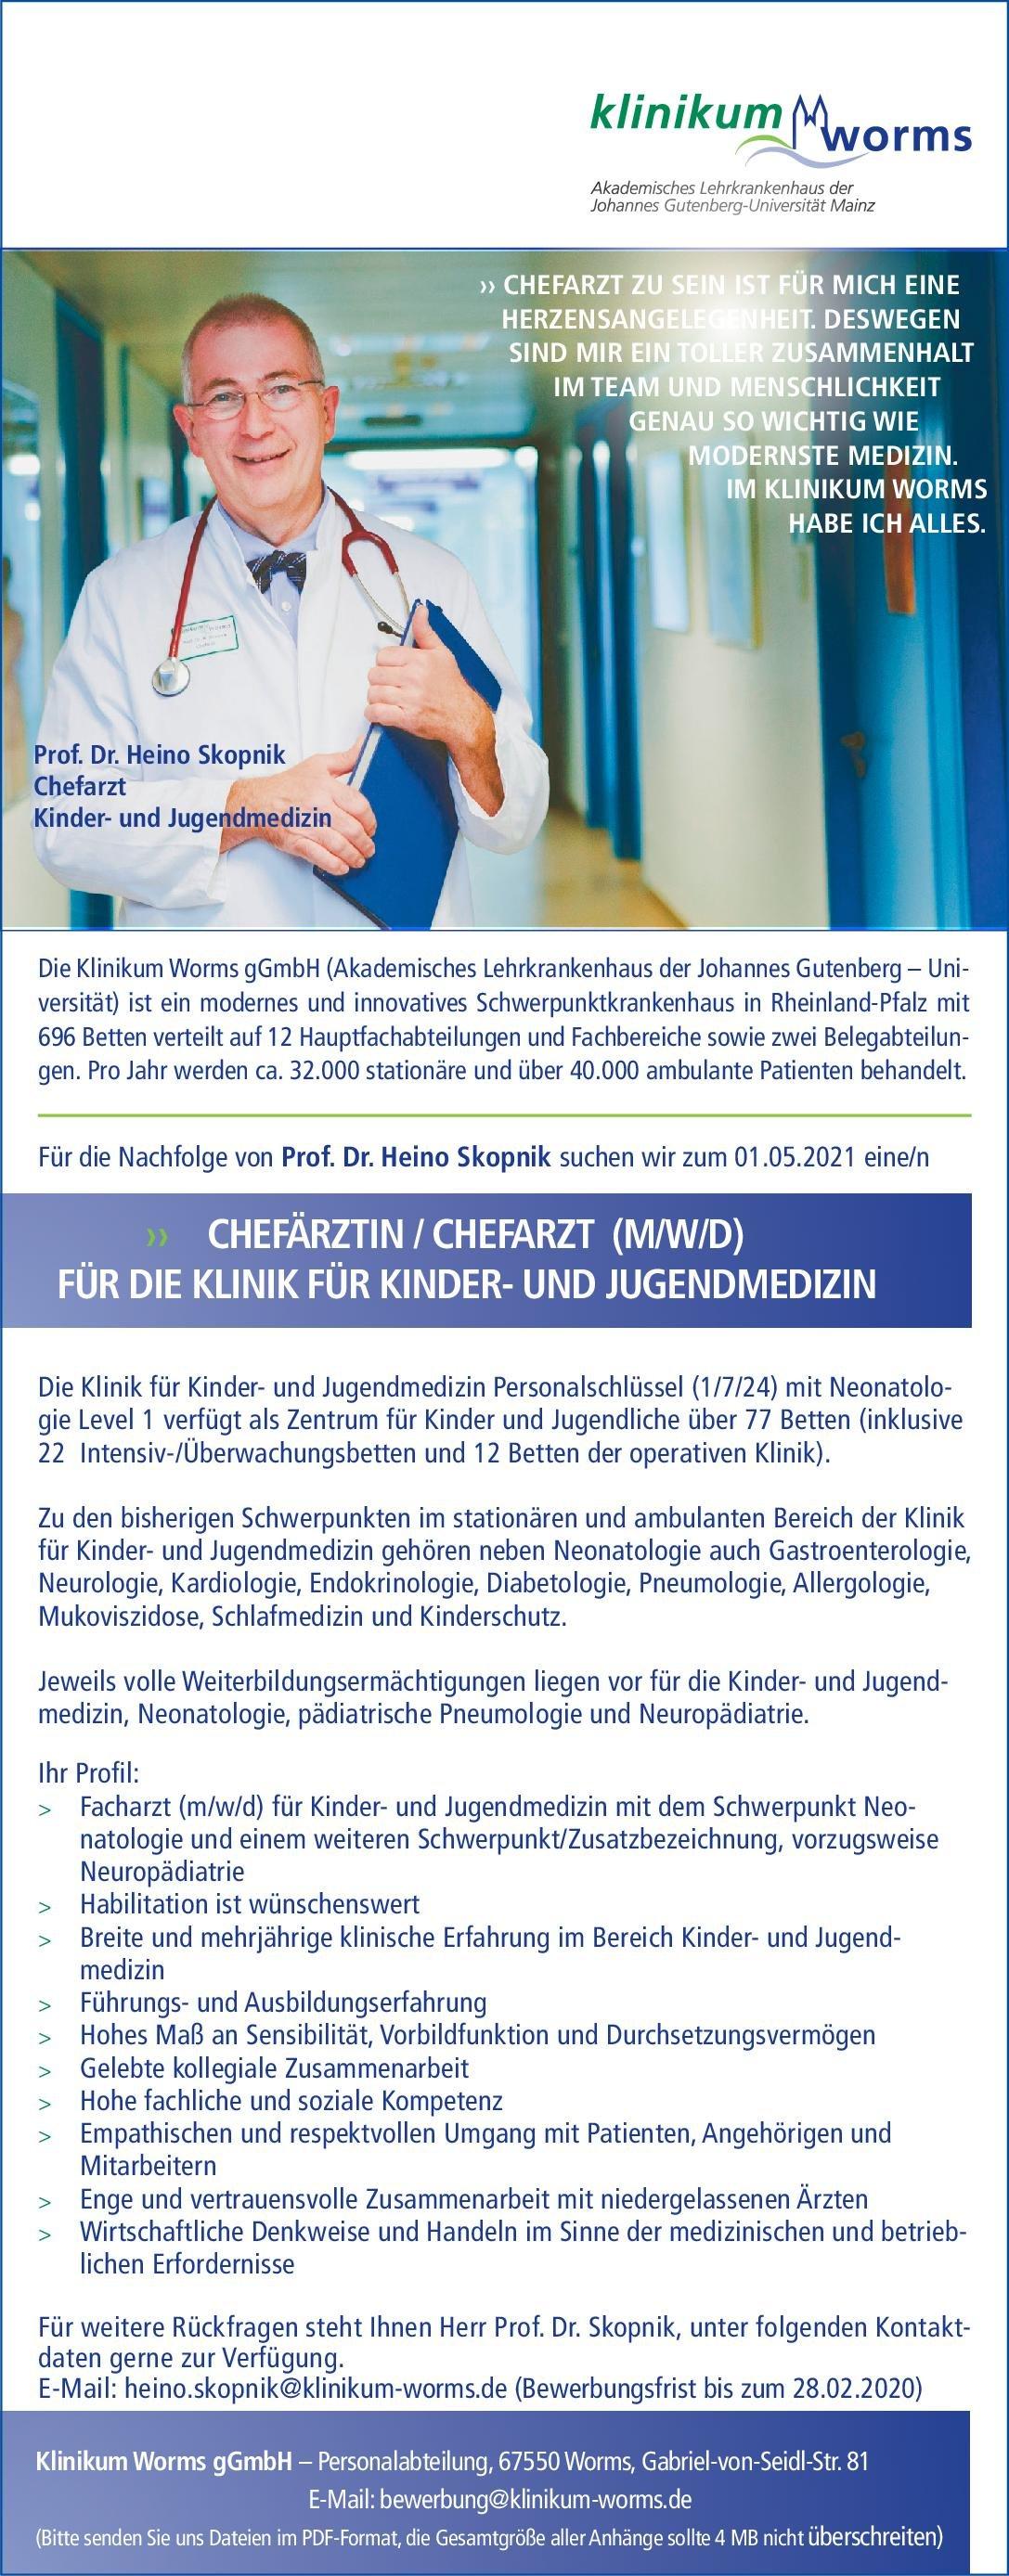 Klinikum Worms gGmbH Chefärztin/Chefarzt (m/w/d) für die Klinik für Kinder- und Jugendmedizin  Kinder- und Jugendmedizin, Kinder- und Jugendmedizin Chefarzt